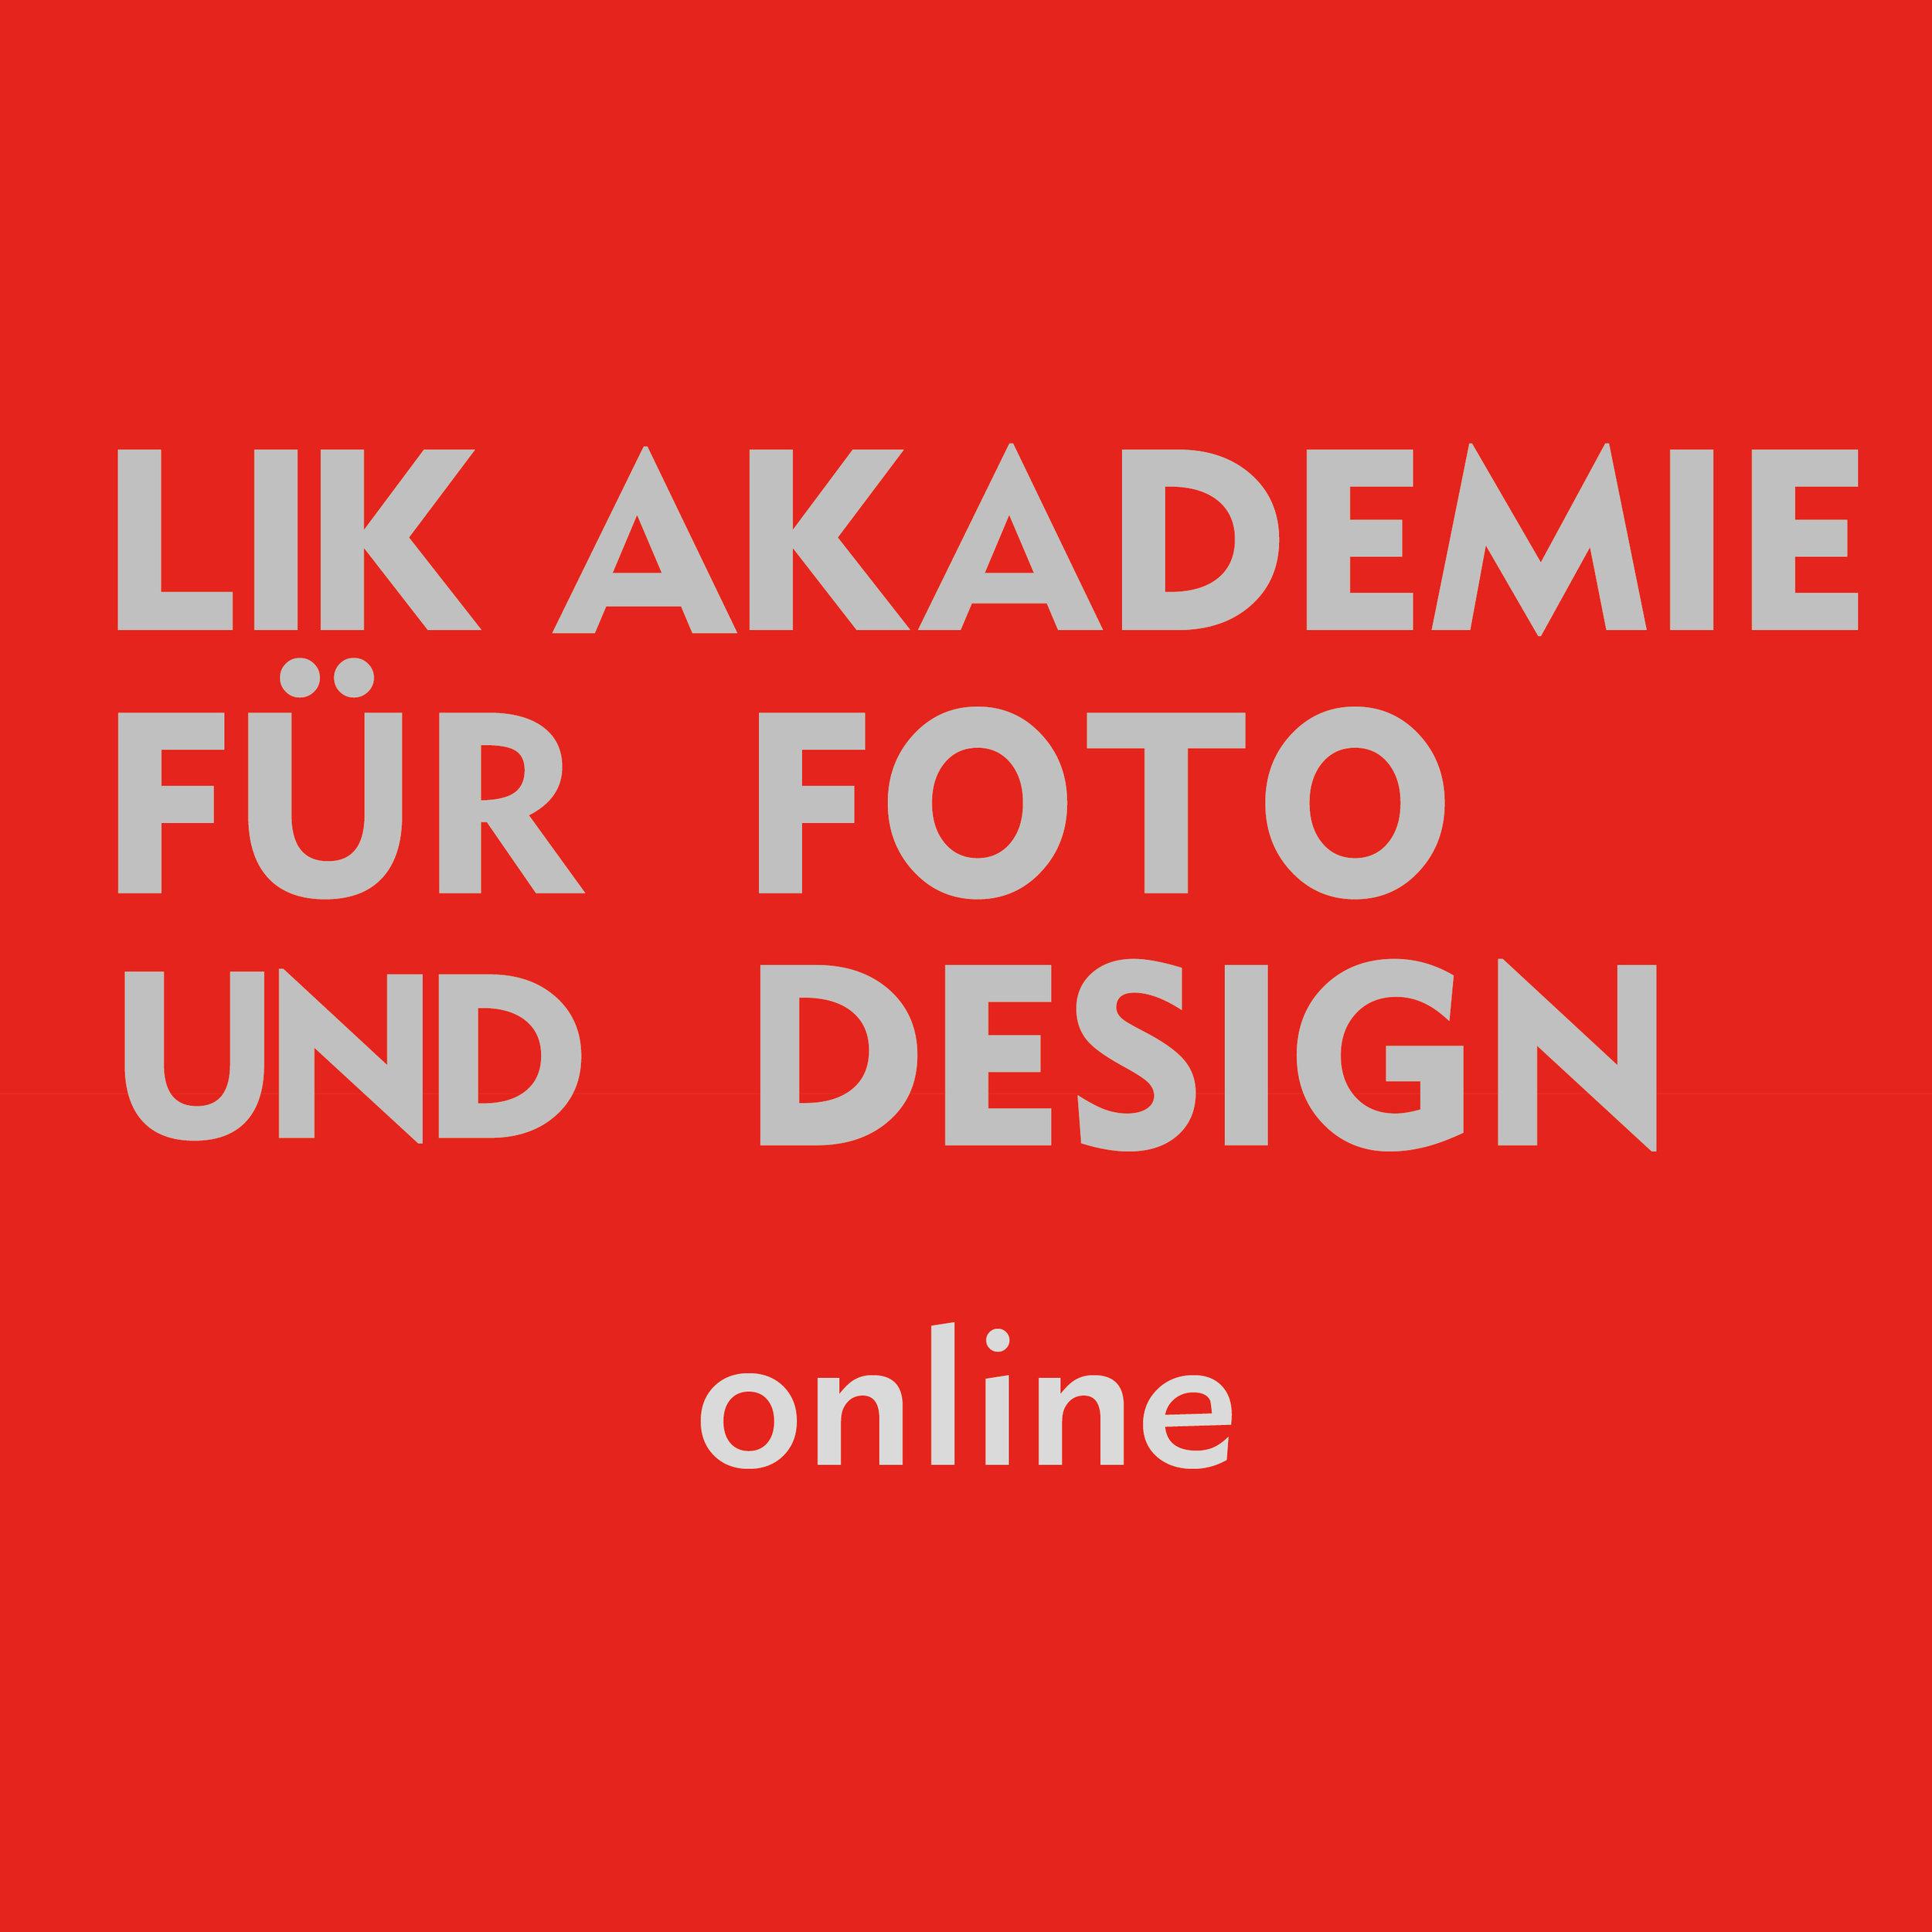 LIK Akademie